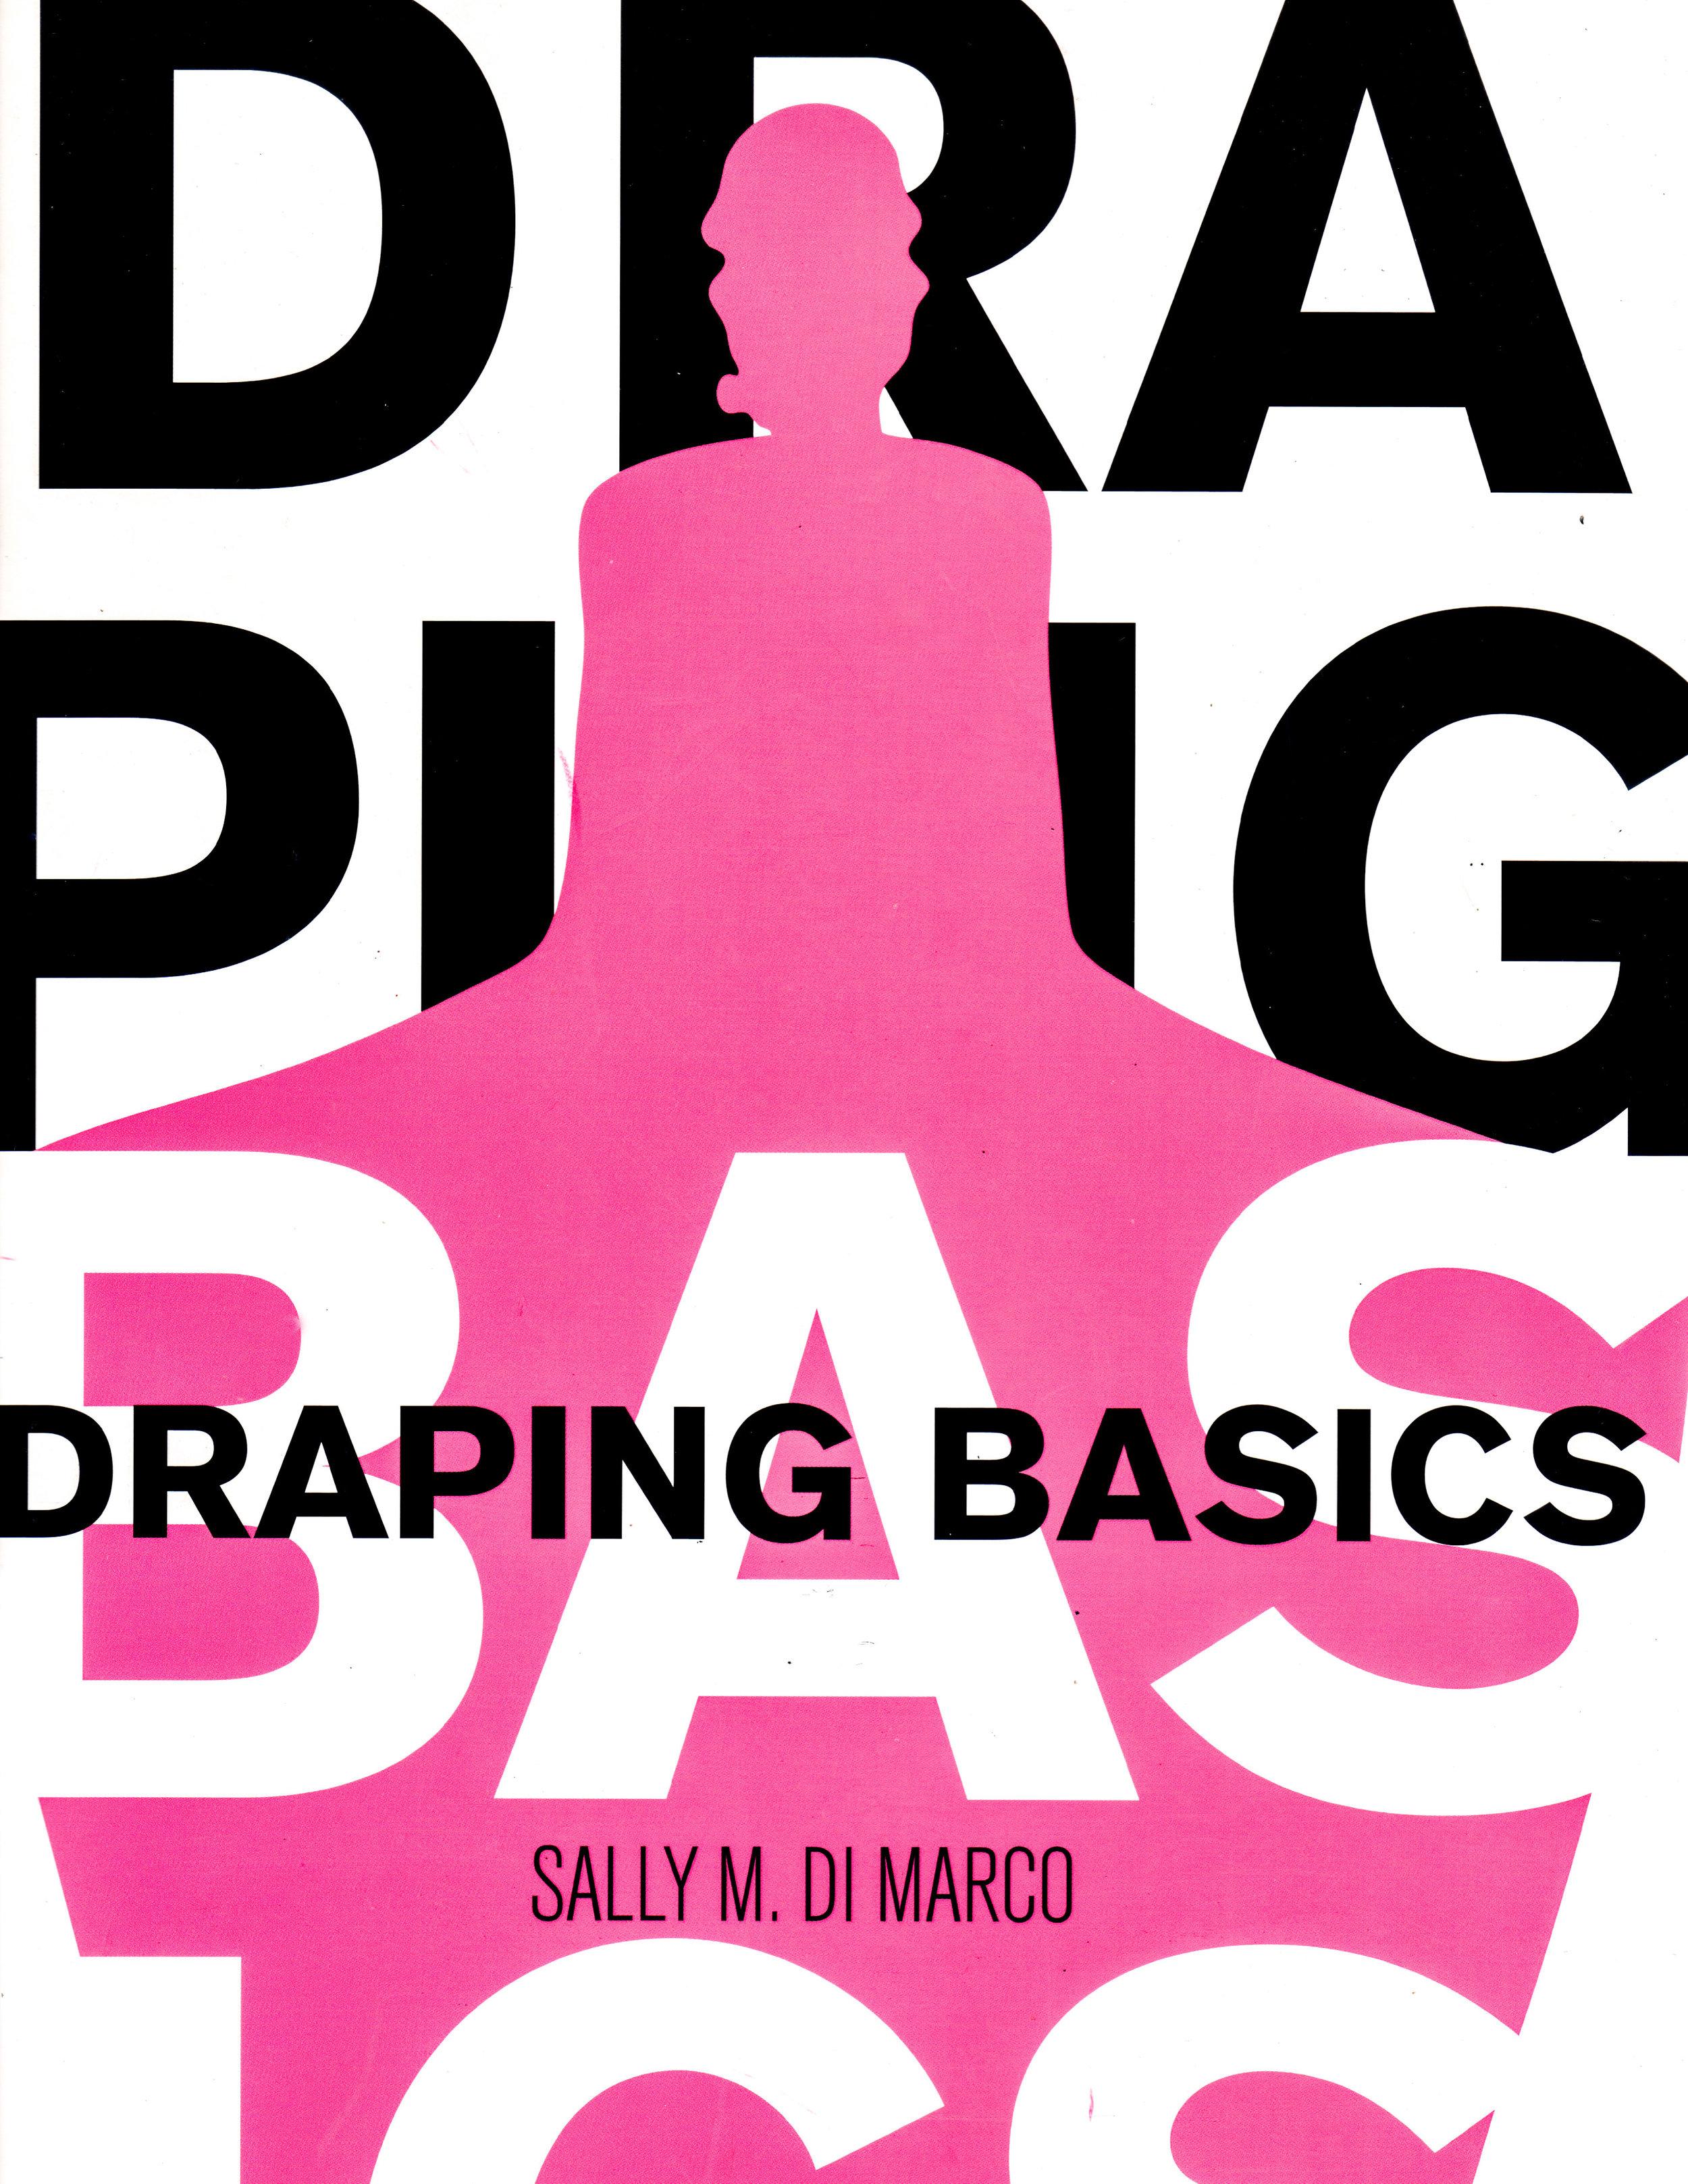 DrapingBasics.jpg